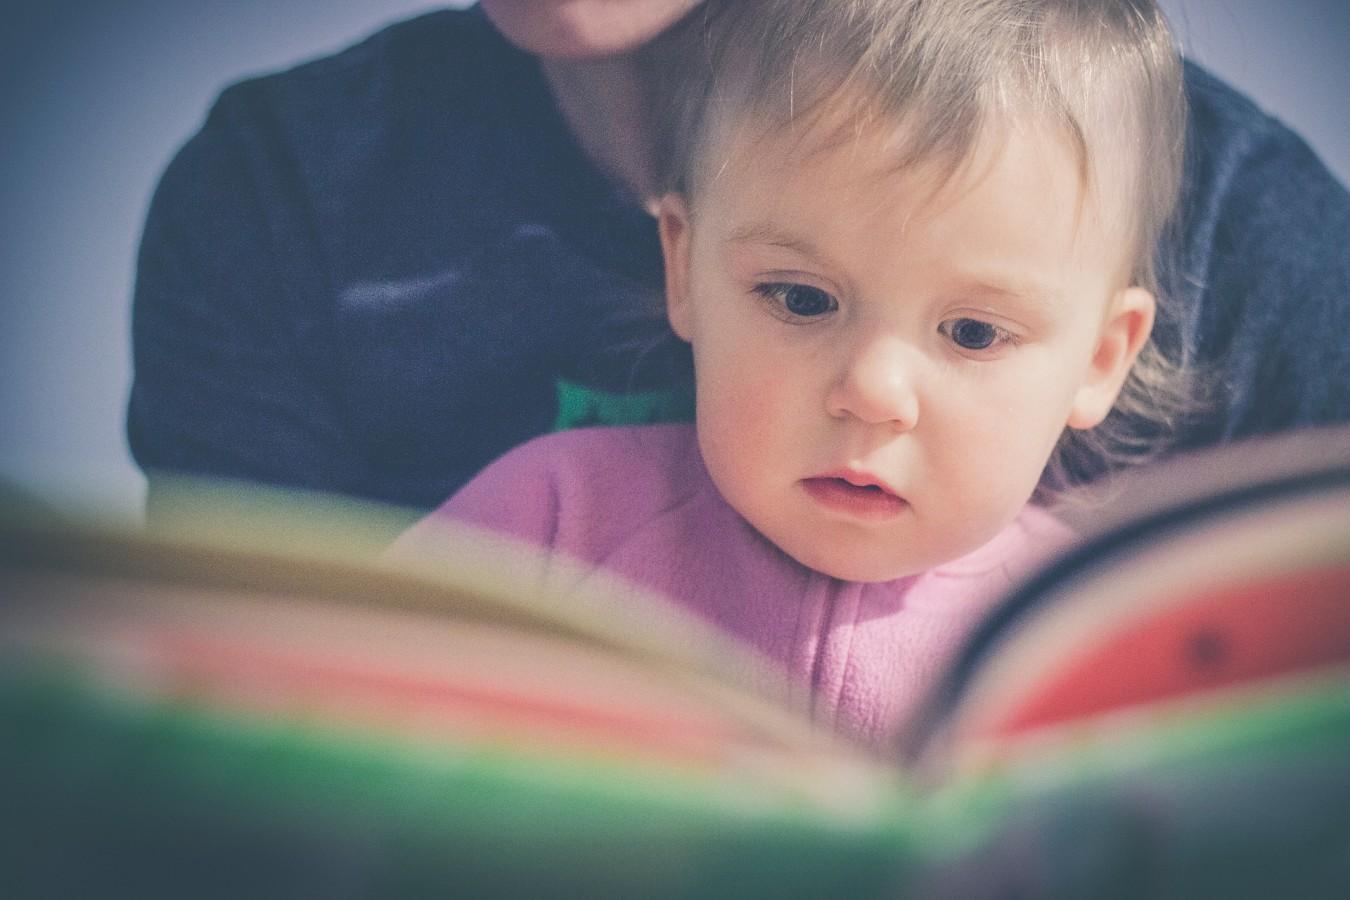 百好繪本士多|寶寶繪本故事時間#9月加場(適合 0-3歲孩子和照顧者)